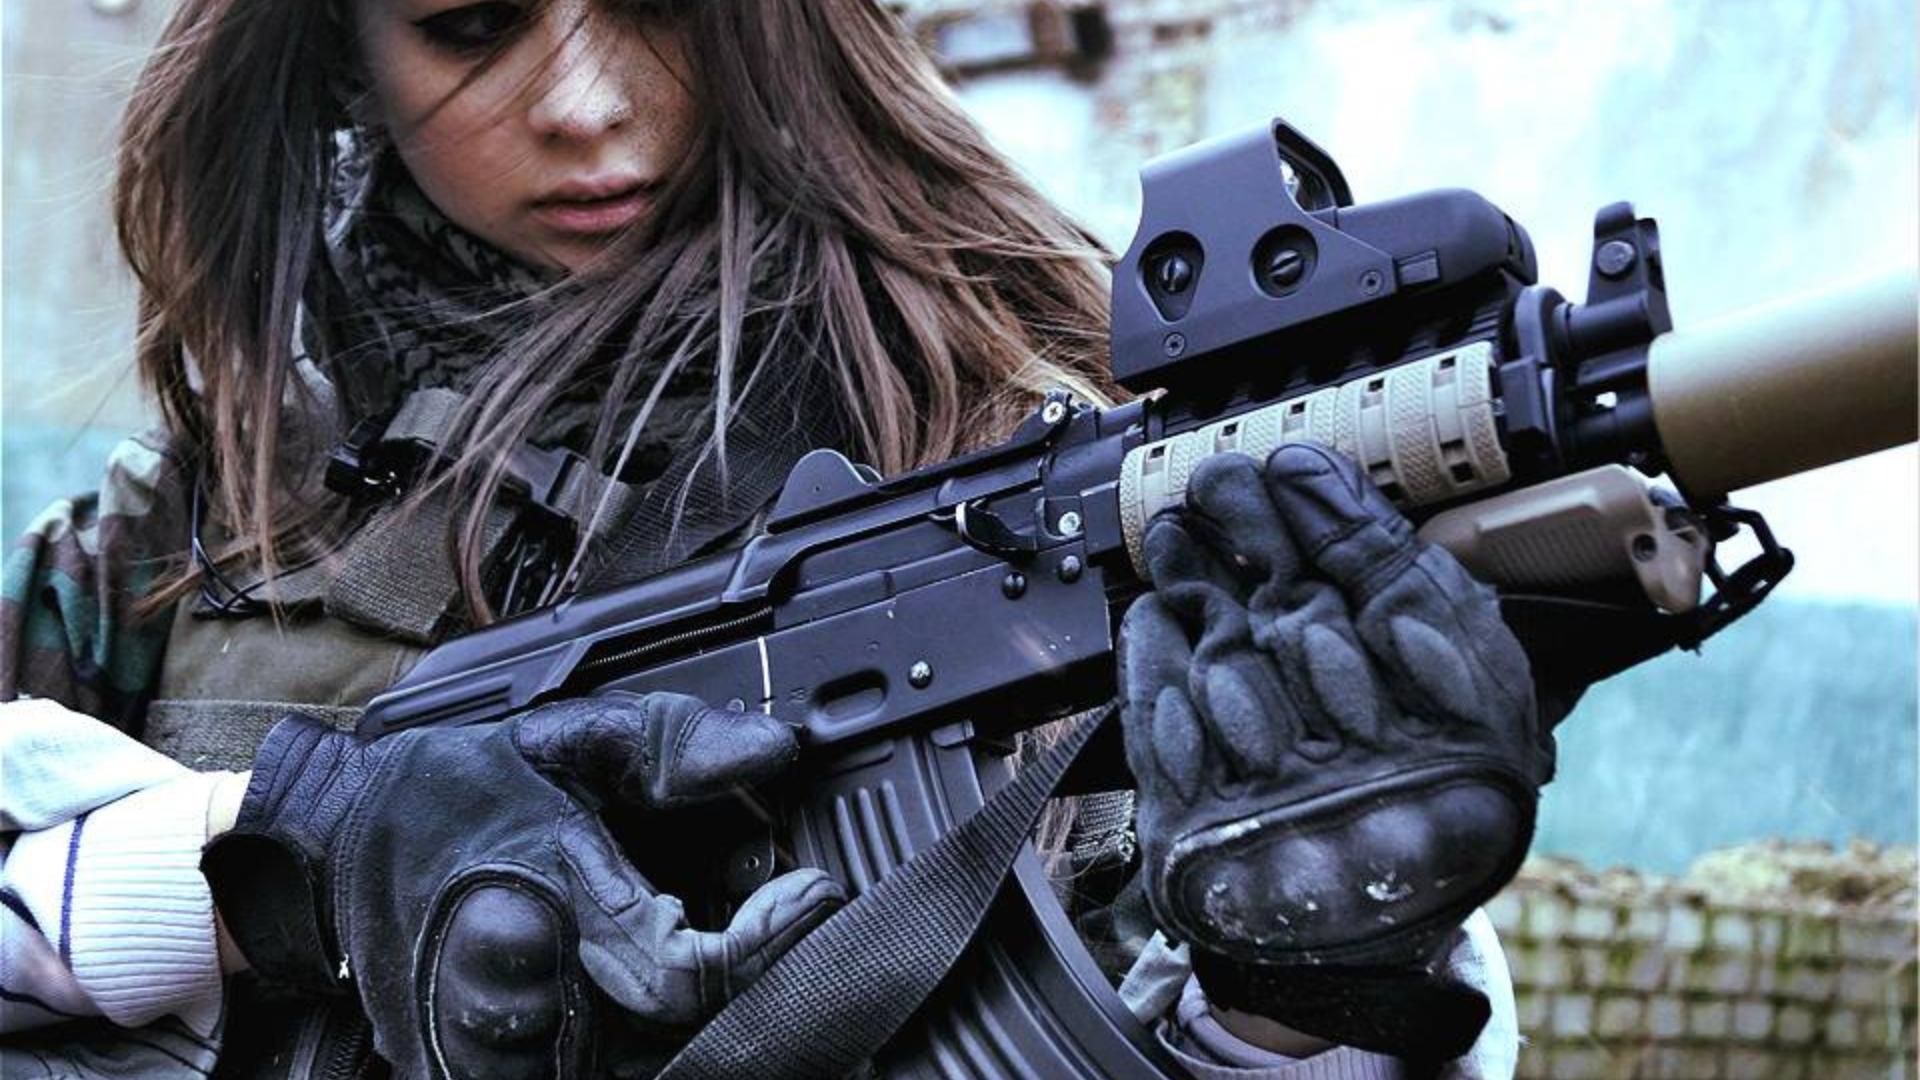 """美国警察局遭汽车炸弹袭击!""""双持MP70冲锋枪火力压制"""",疯狂输出,警察束手无策!#85"""